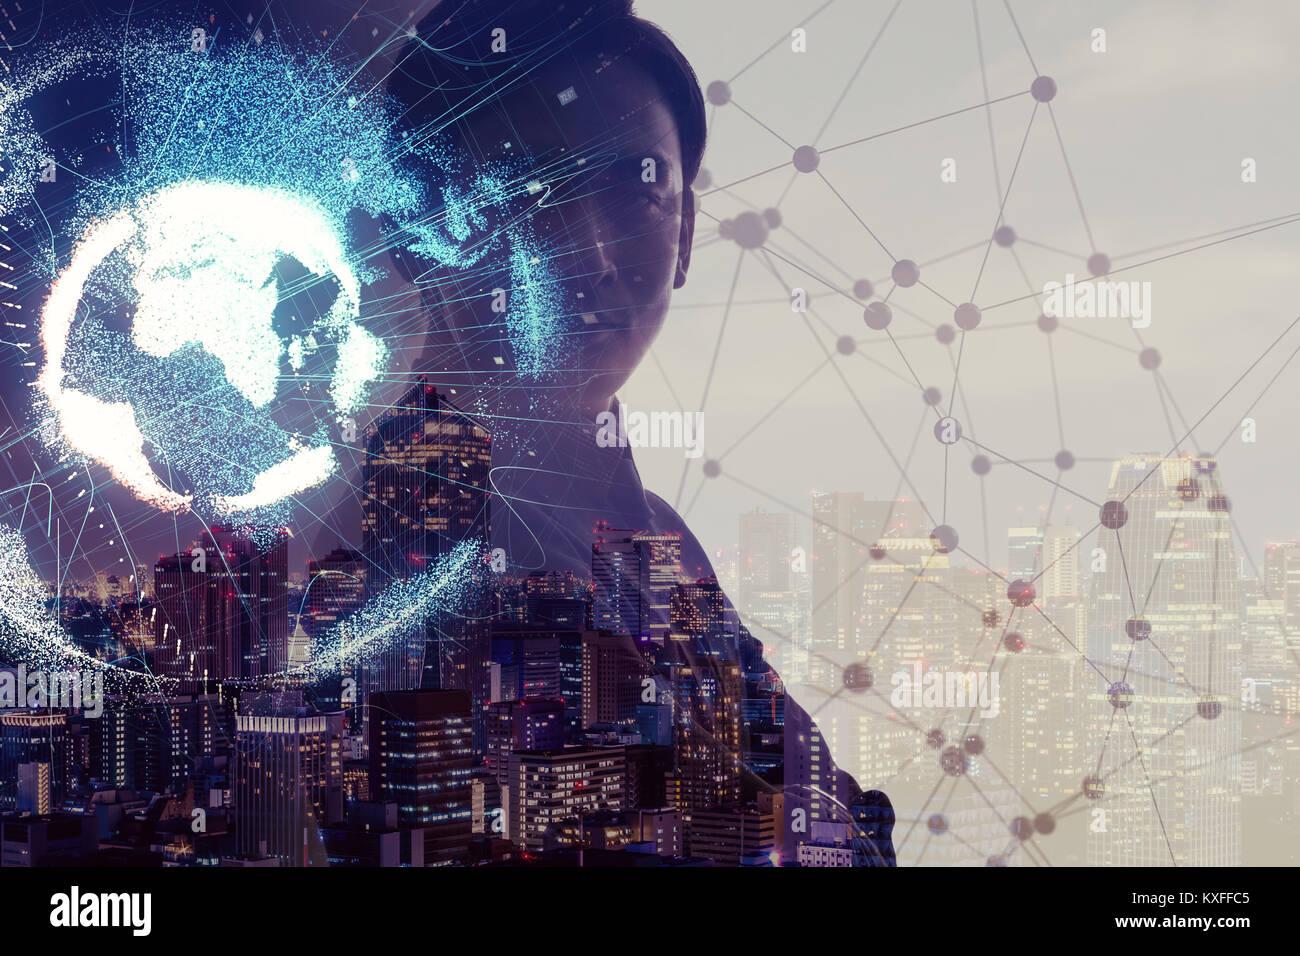 El concepto de red mundial. Internet de las cosas. Inteligencia Artificial. Imagen De Stock